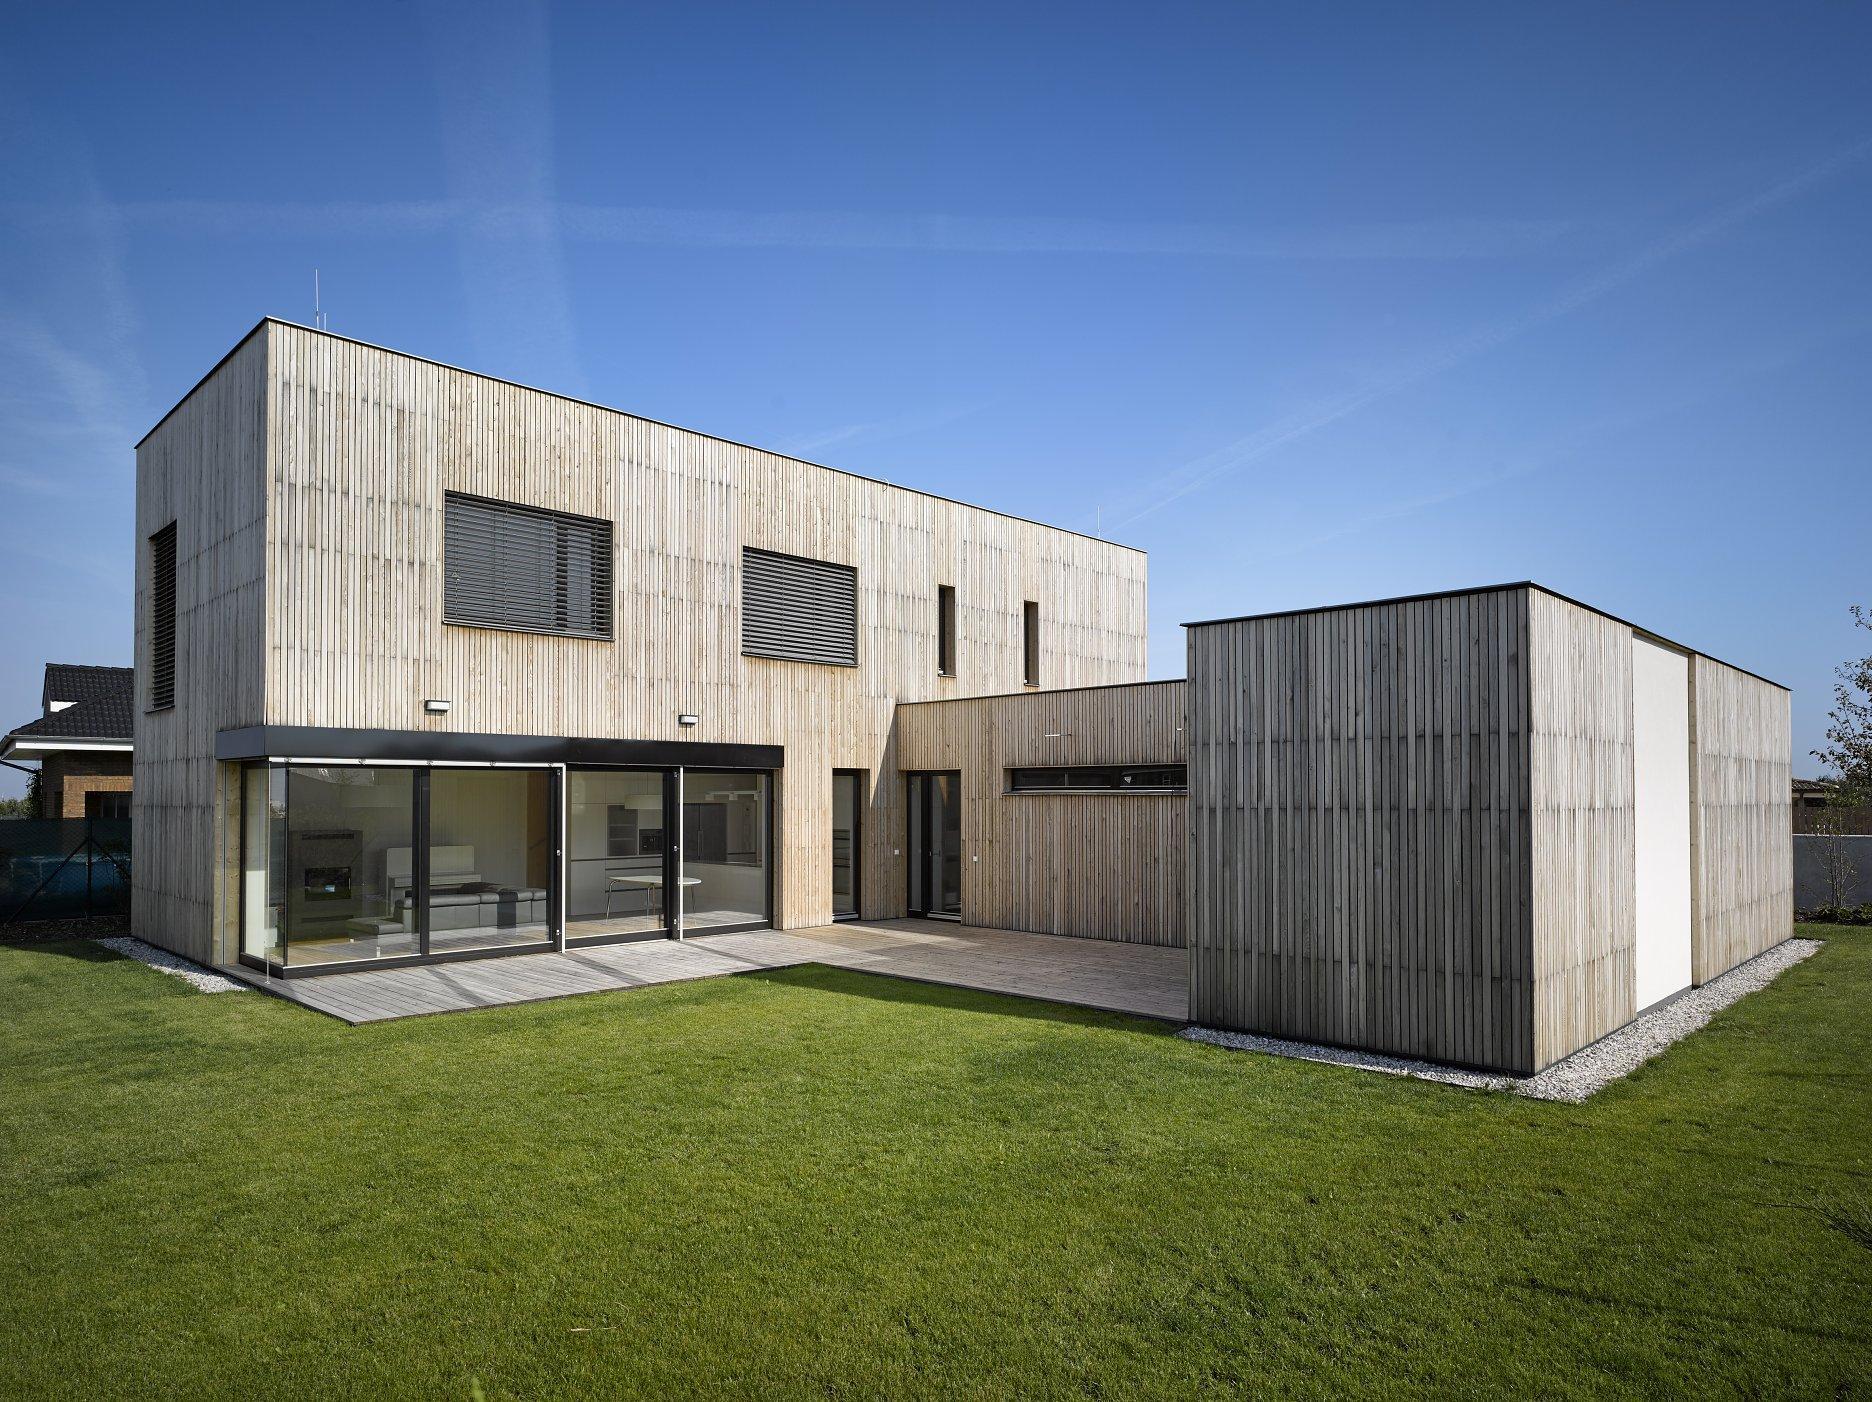 Dom - ABM architekti